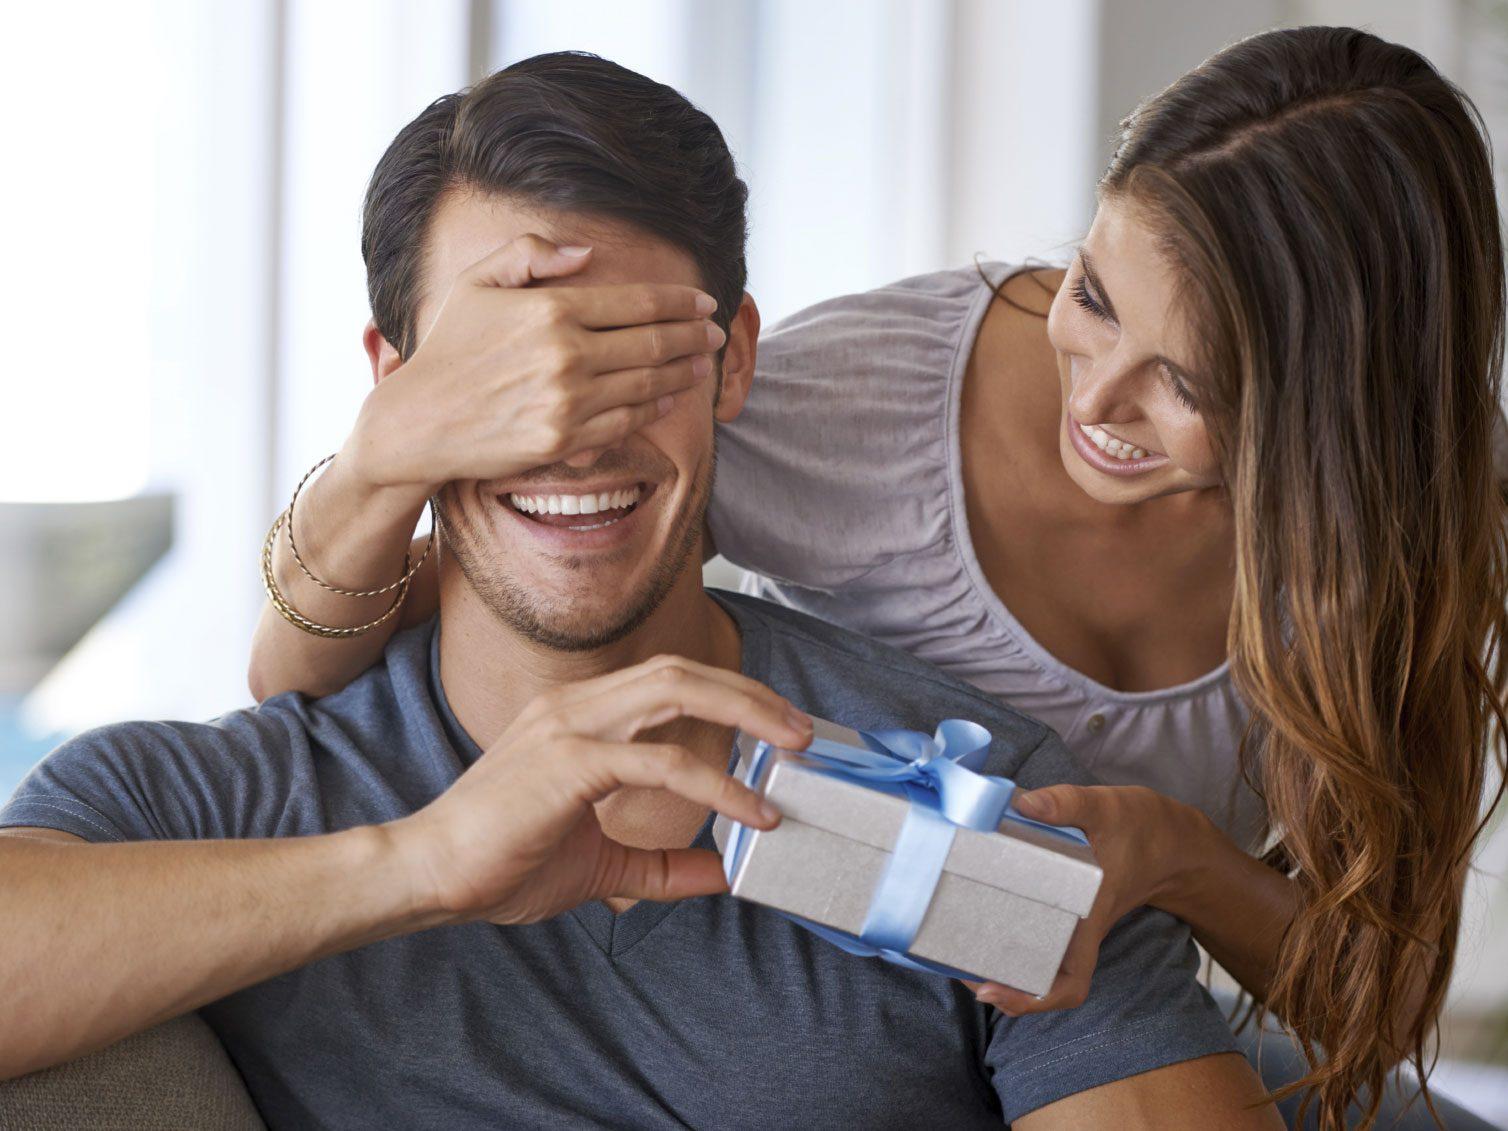 La générosité peut contribuer à la bonne humeur